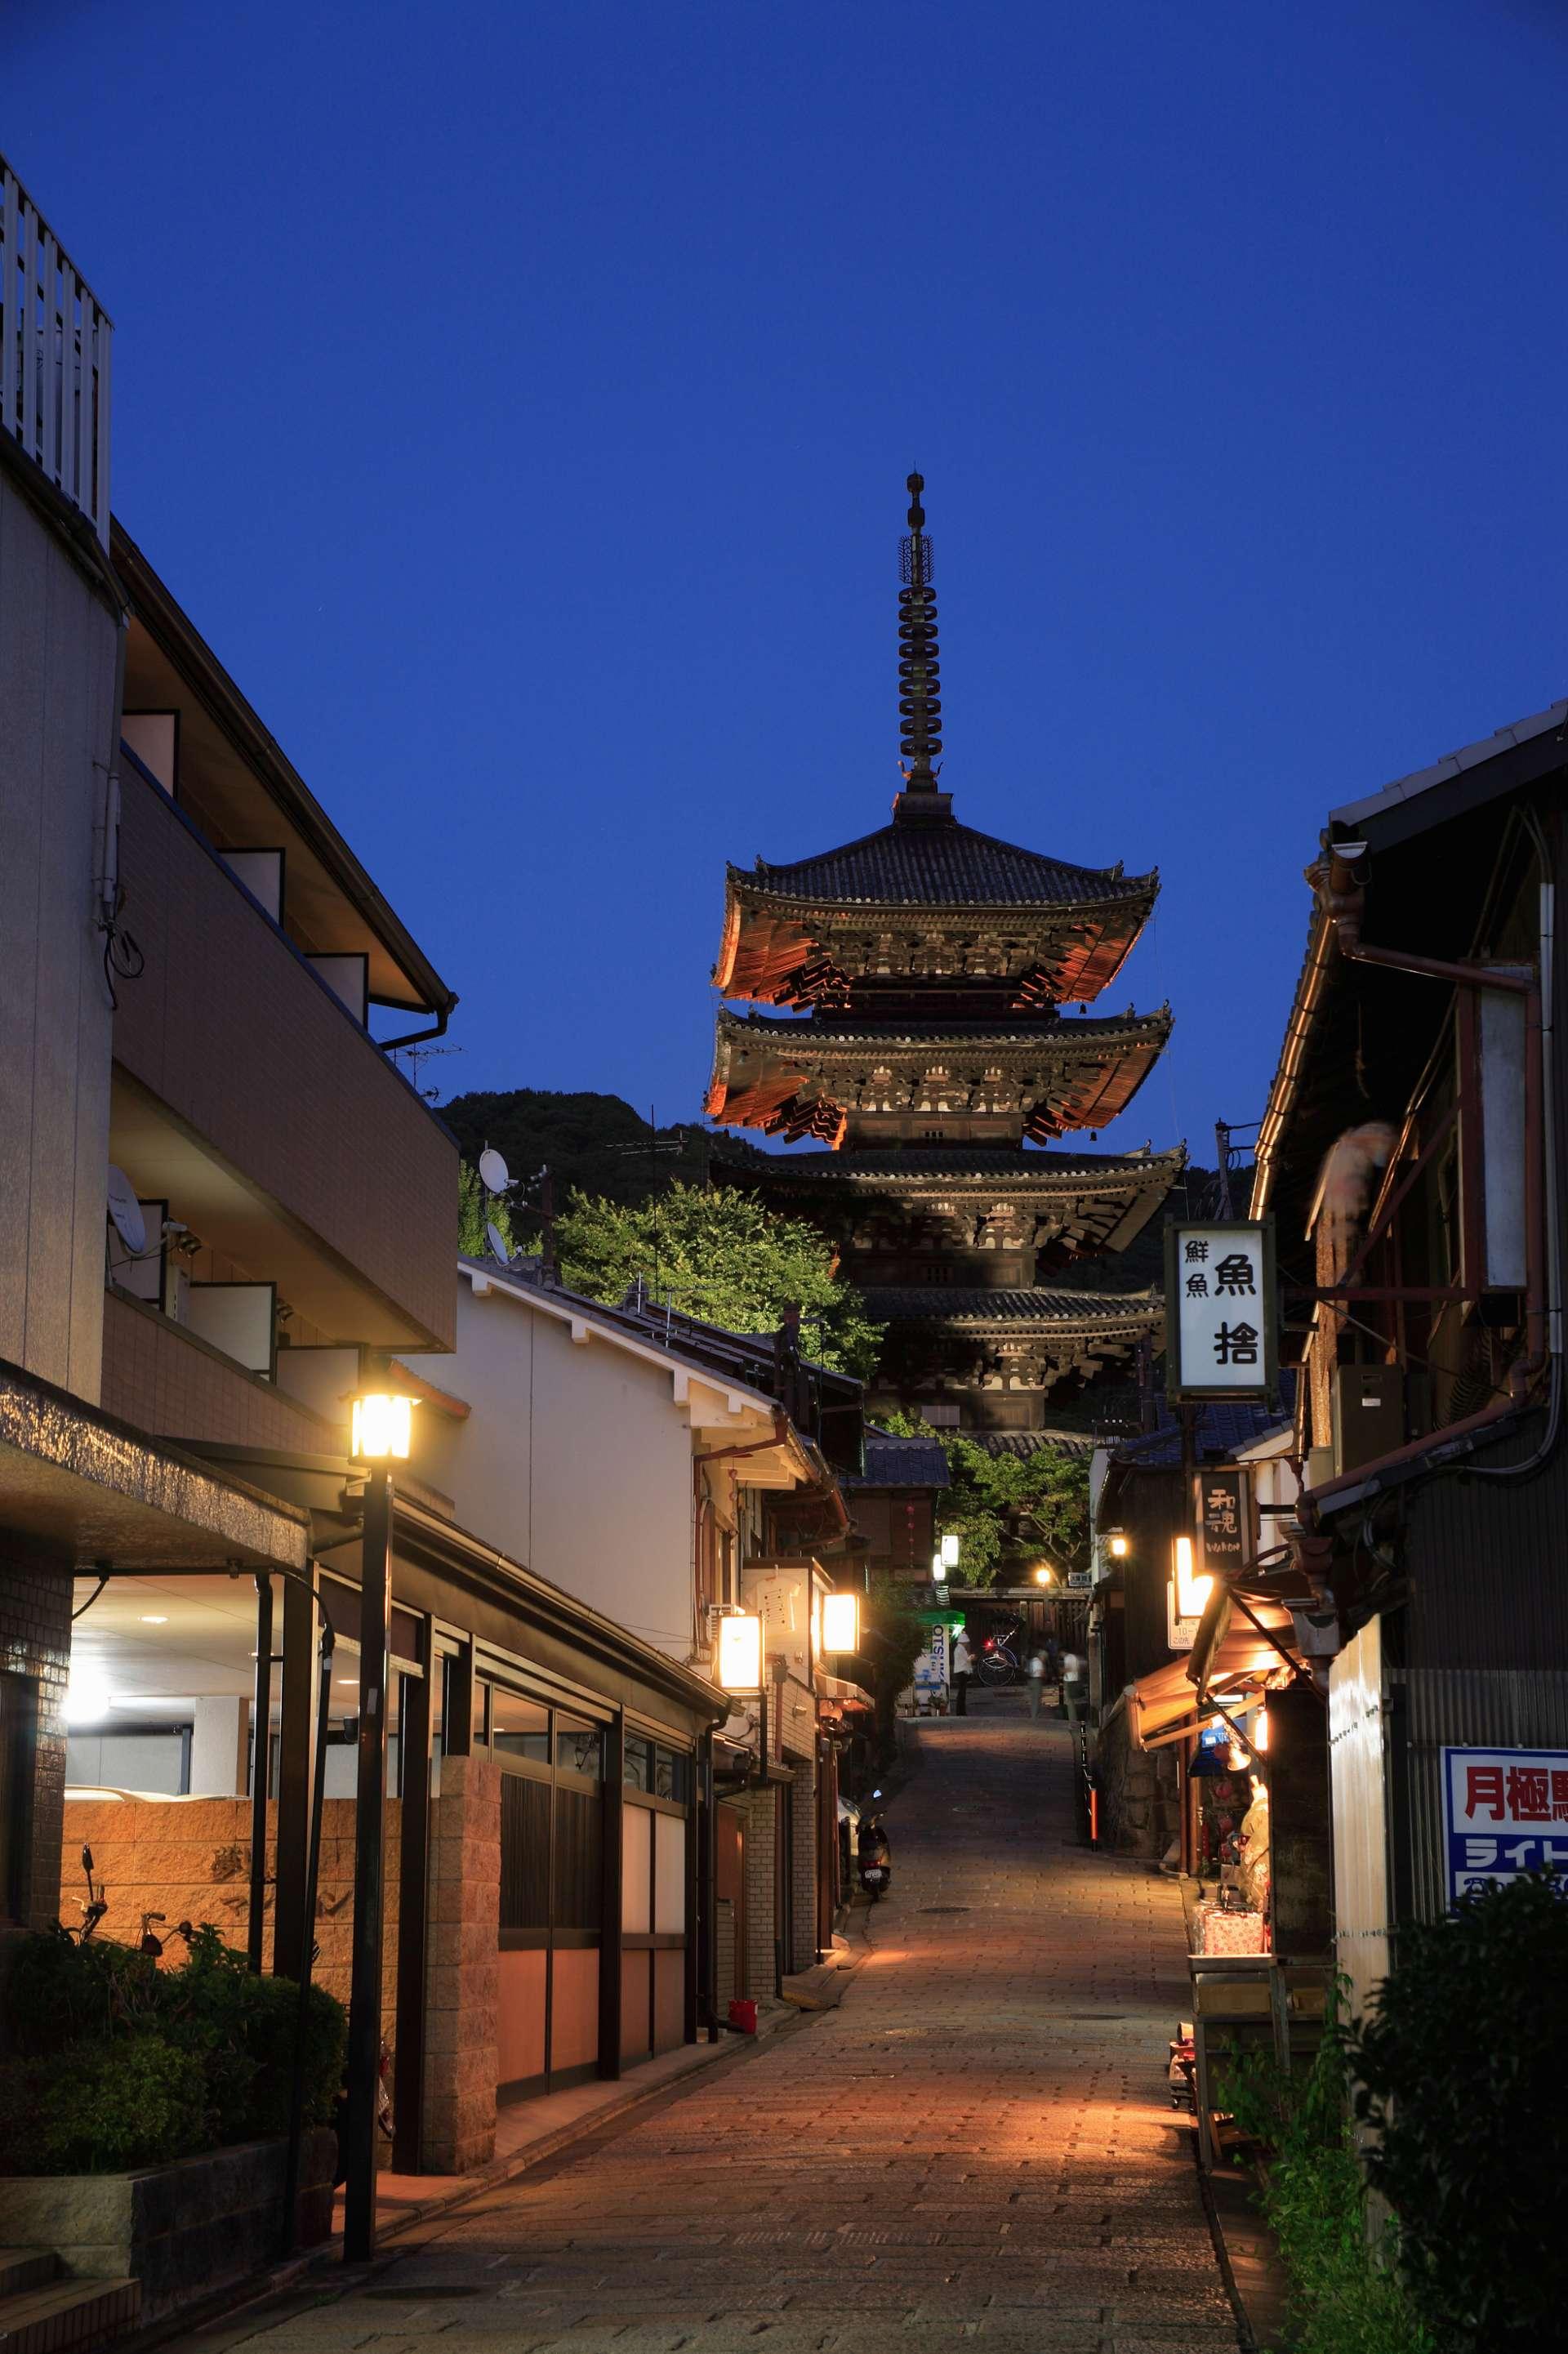 京都拥有历史悠久的街道及神社寺院,深受旅客欢迎